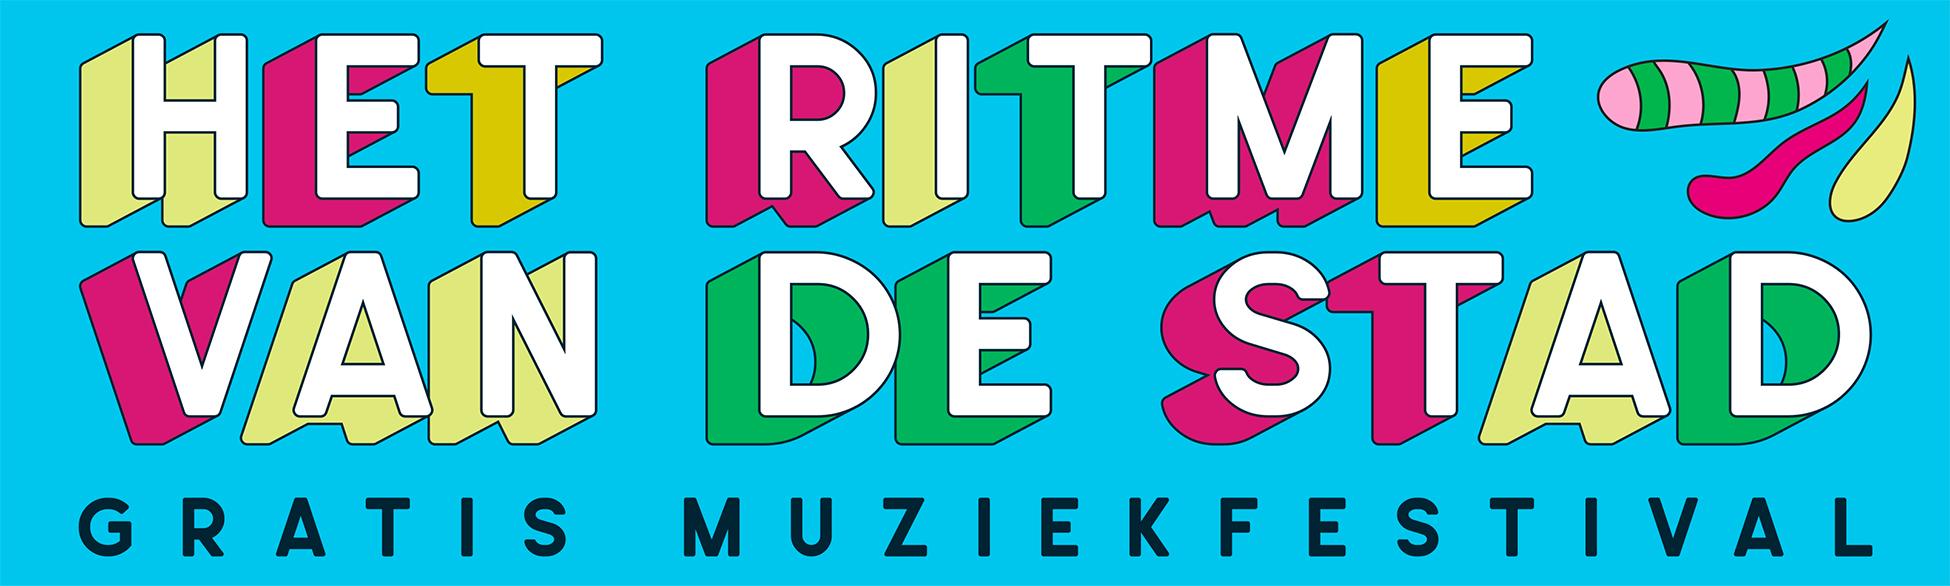 het Ritme van de Stad - Vondelpark Openluchttheater - Muziekfestival 13 juni 2019